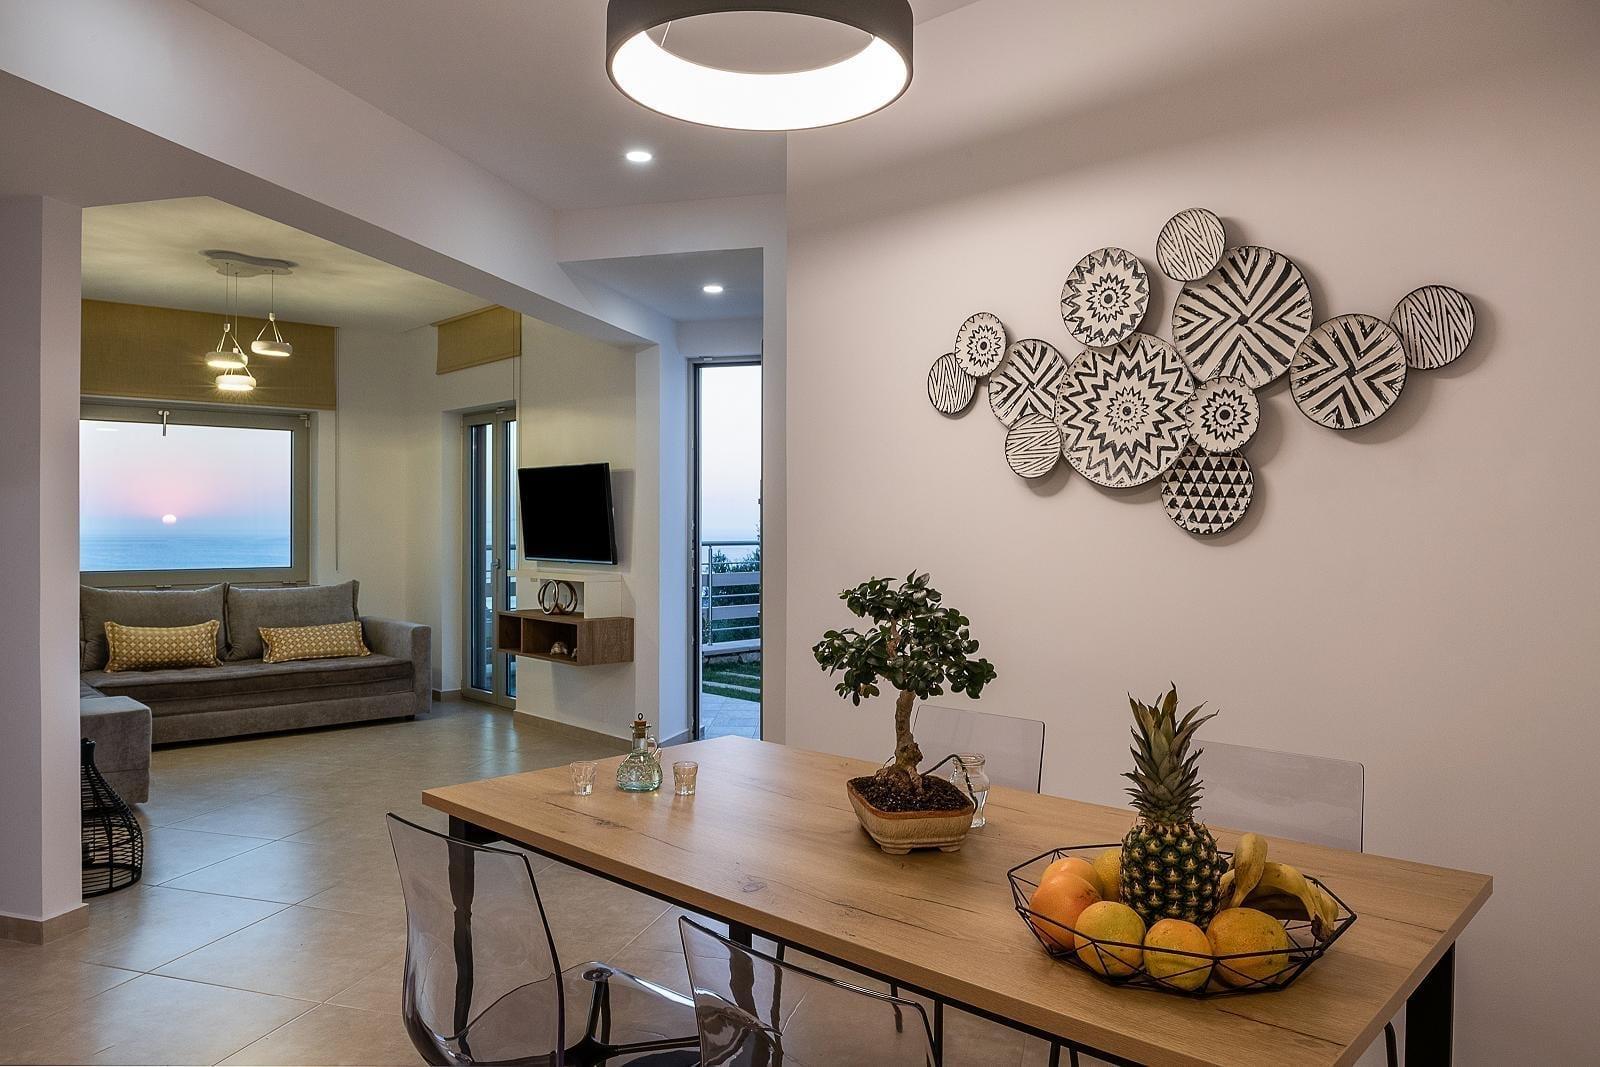 interior-sunset-magnolia-luxury